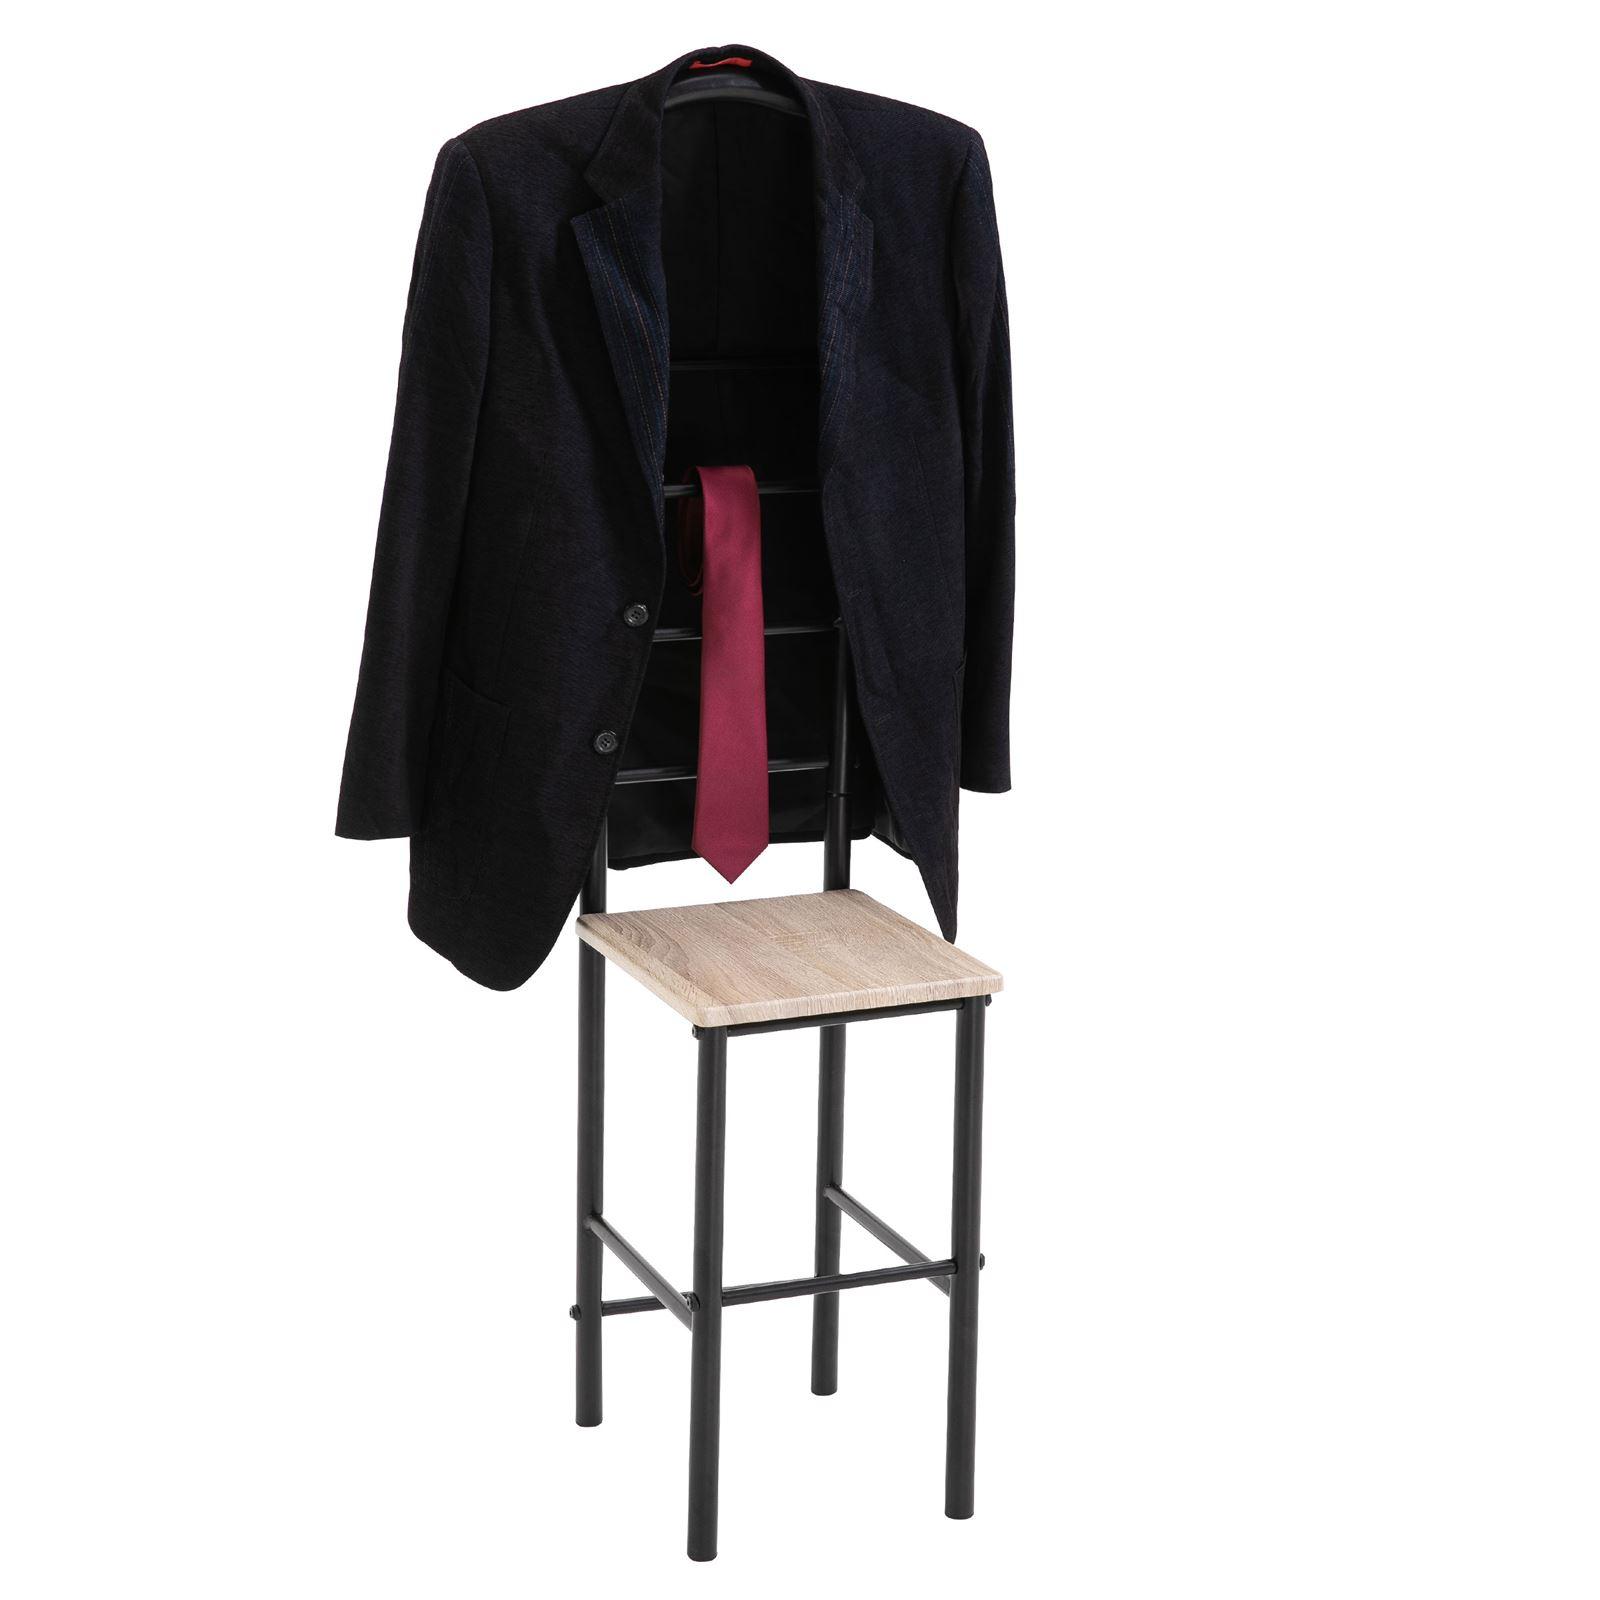 Stummer Diener Ablage Garderobe Jacken Haken Ständer Herrendiener Kleiderbutler